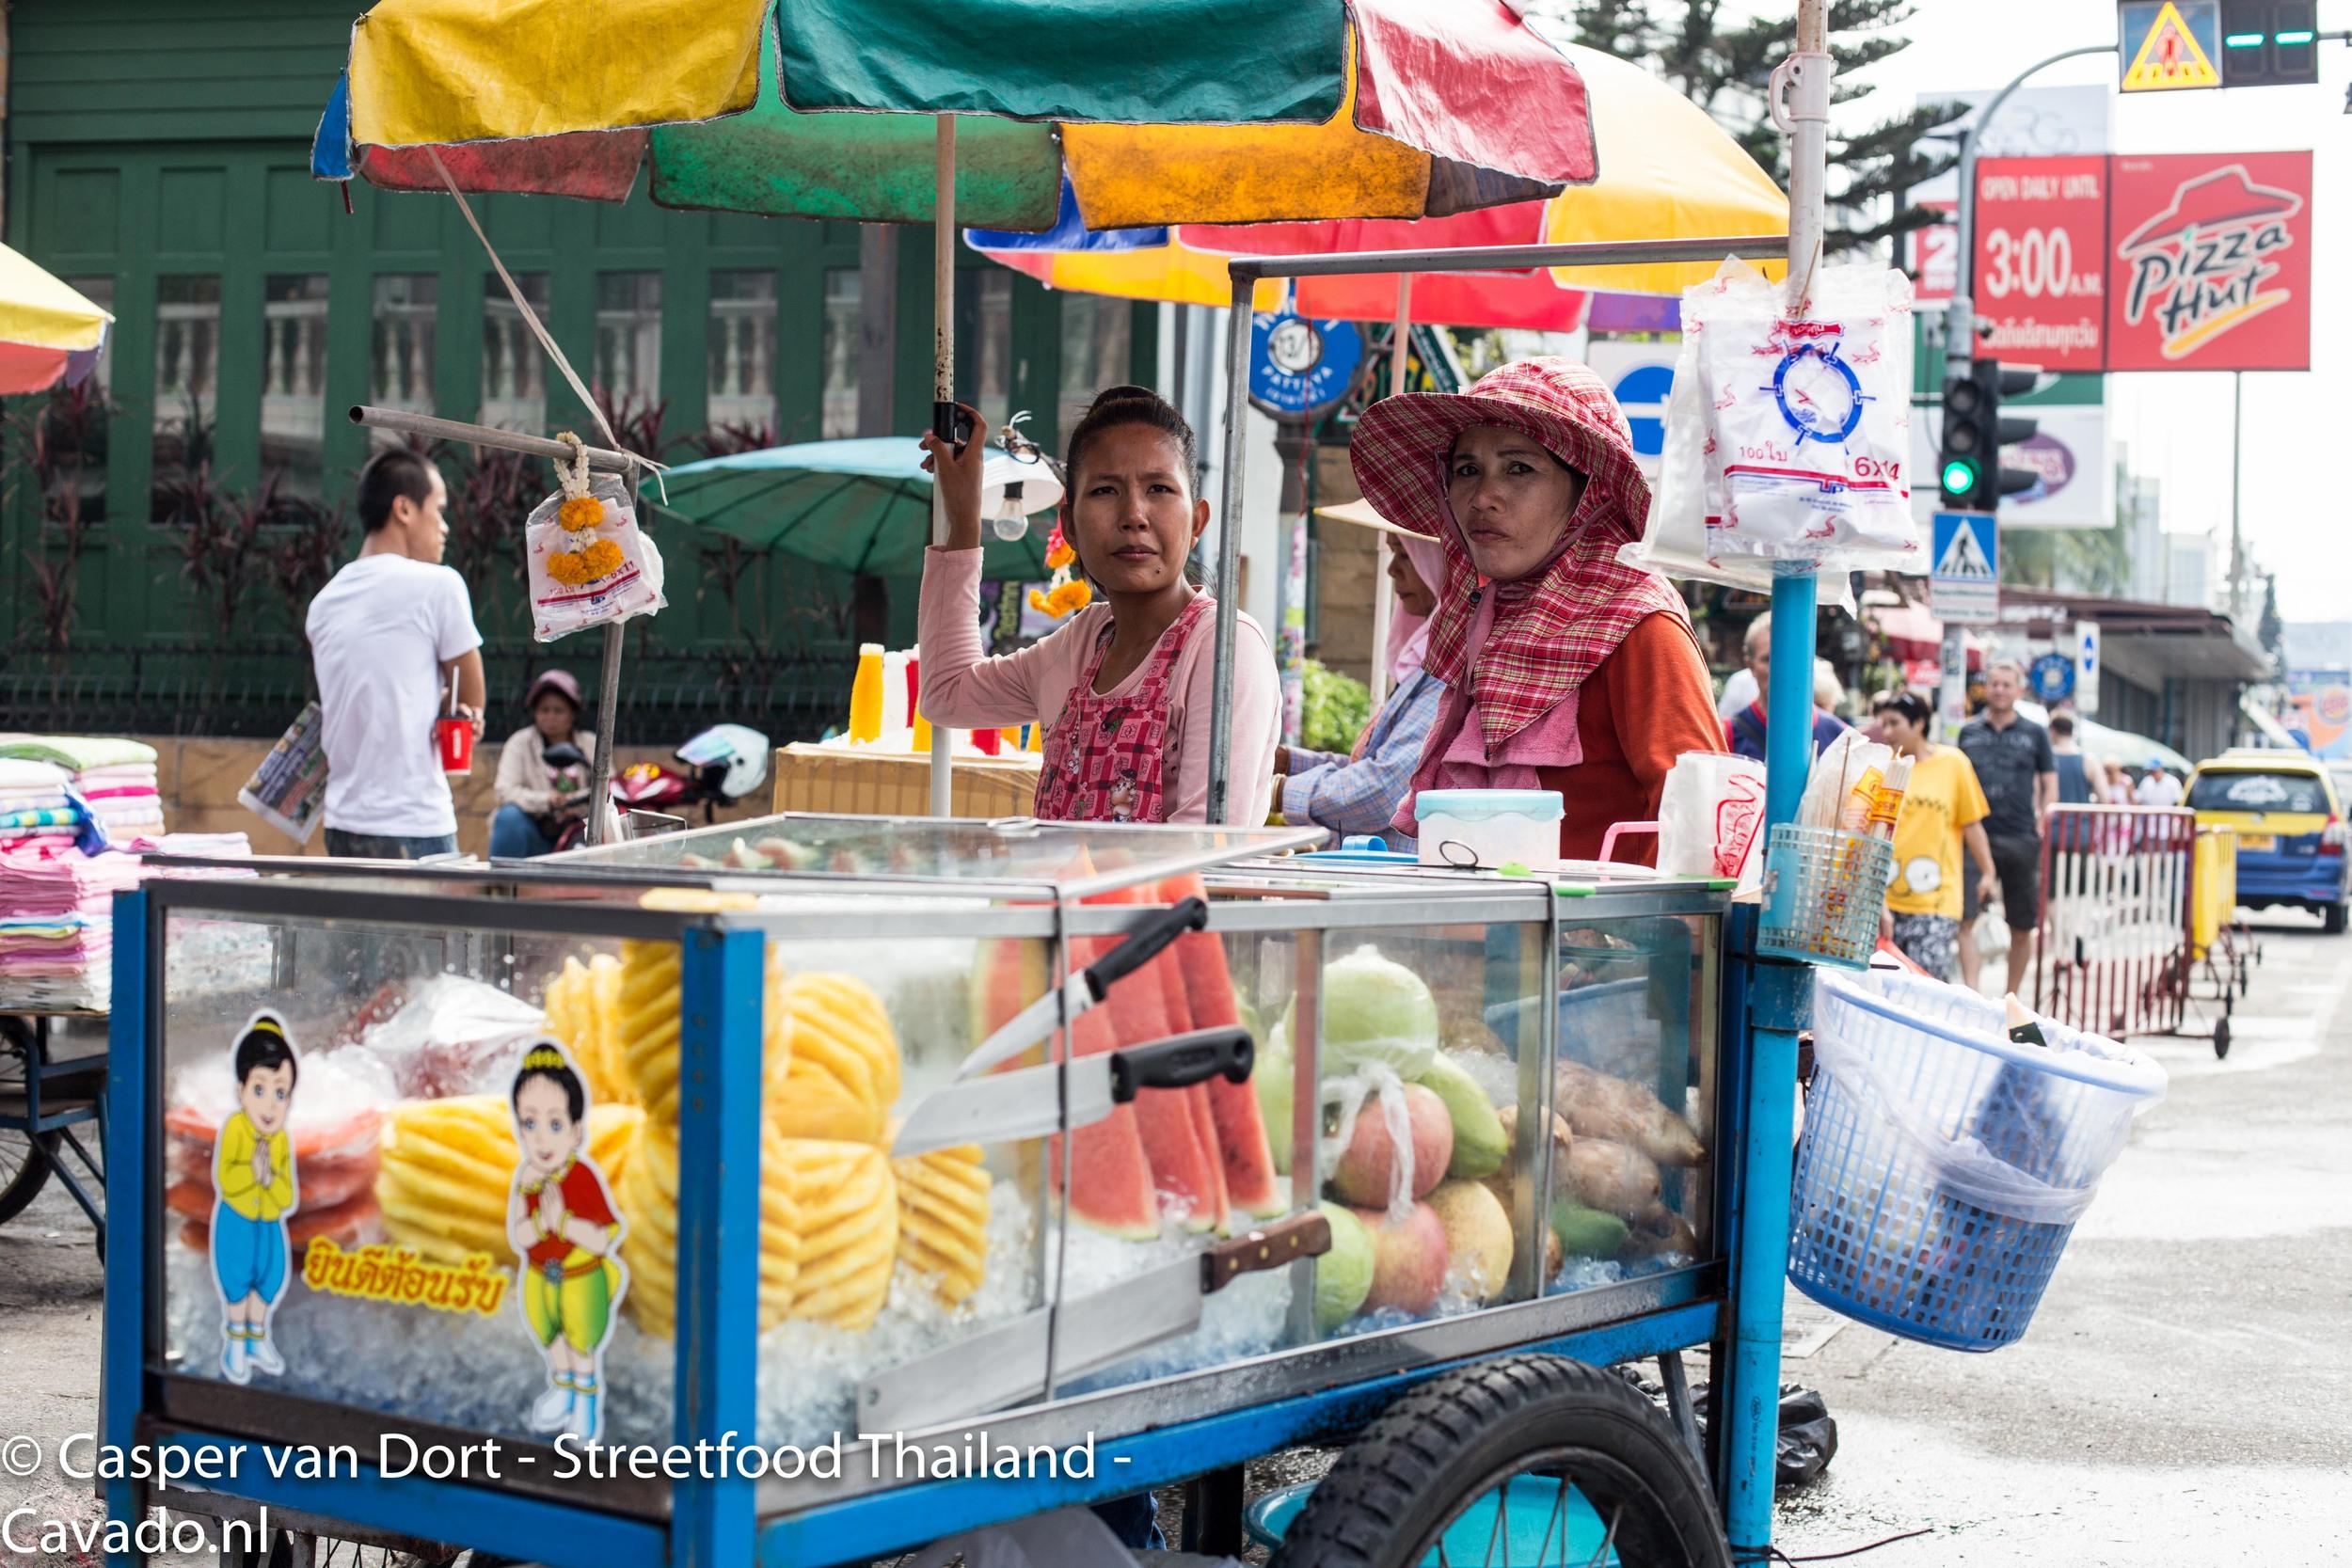 Thailand Streetfood-71.jpg